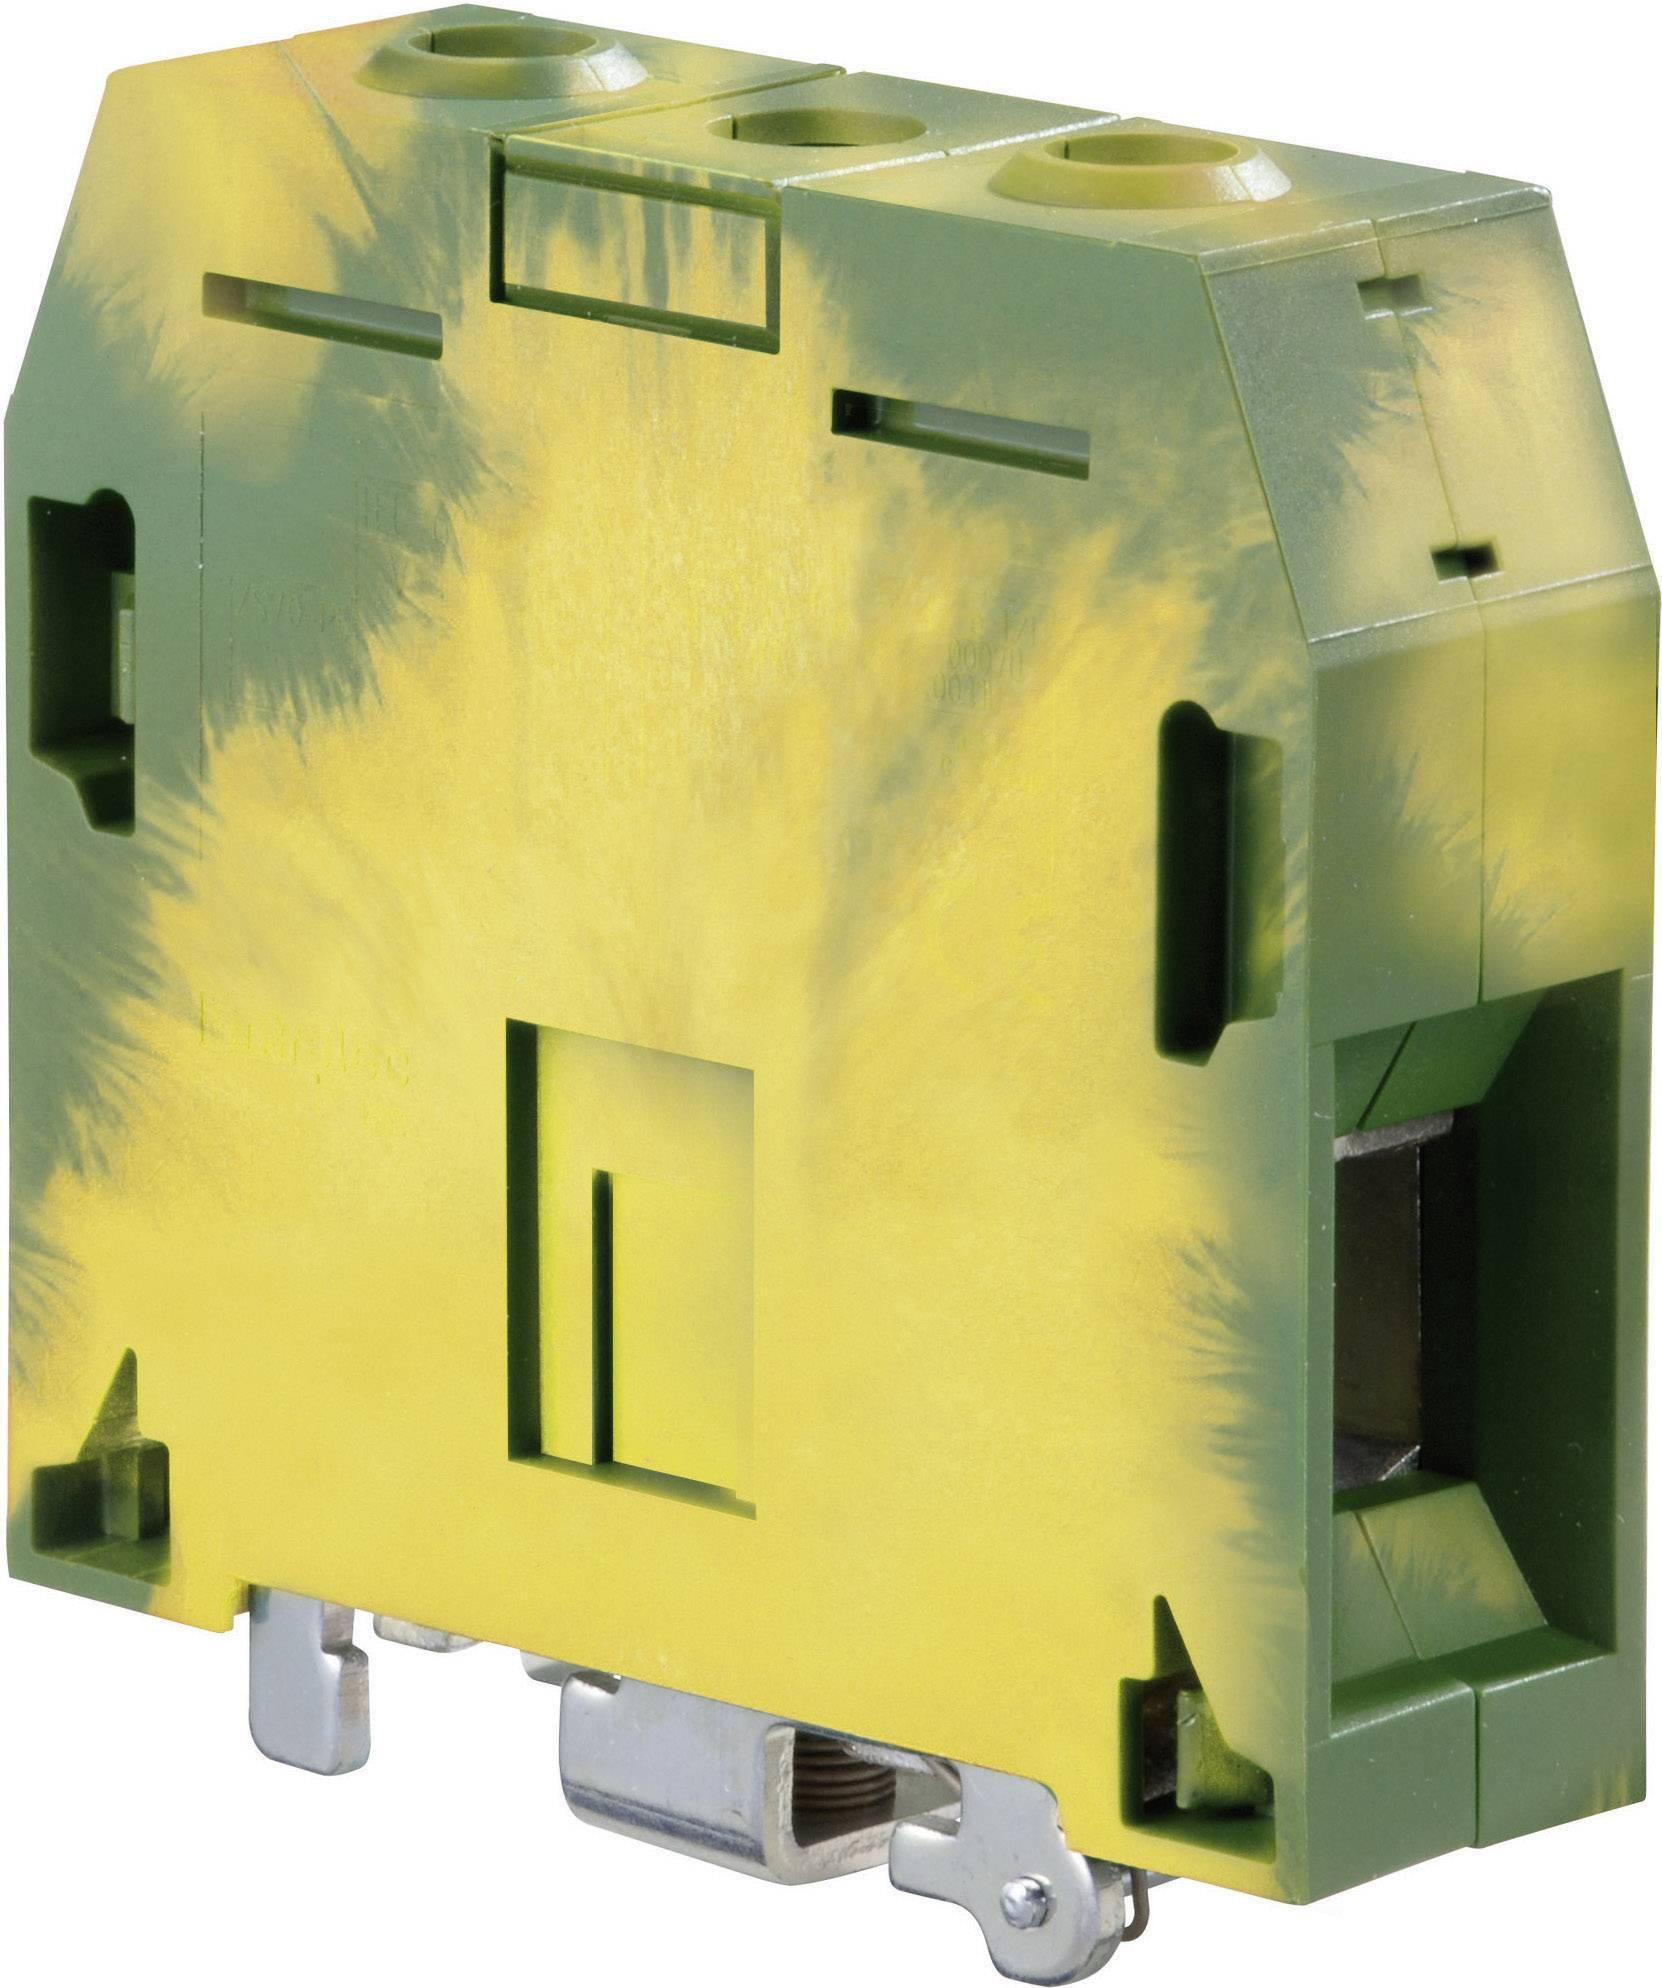 Svorka ochranného vodiča ABB 1SNK 522 150 R0000, 22 mm, skrutkovací, osadenie Terre, zelenožltá, 1 ks